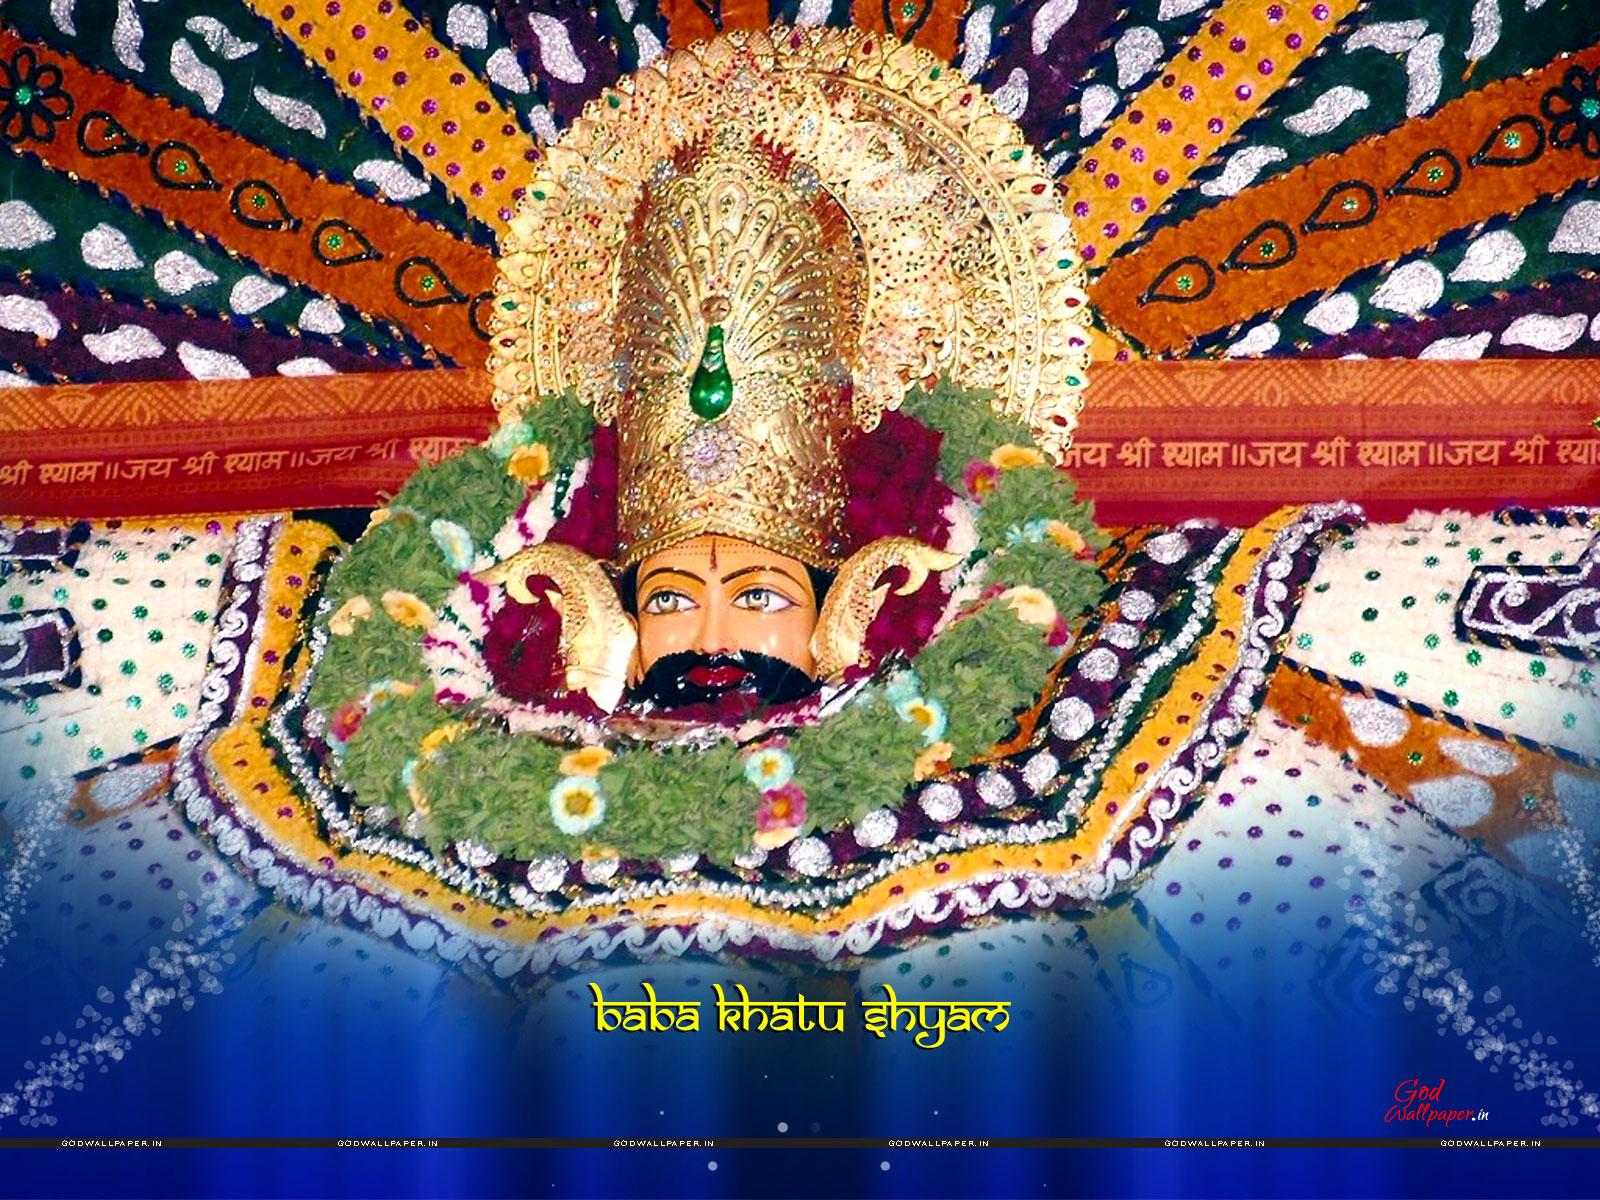 Khatu Shyam Image Hd 1600x1200 Wallpaper Teahub Io